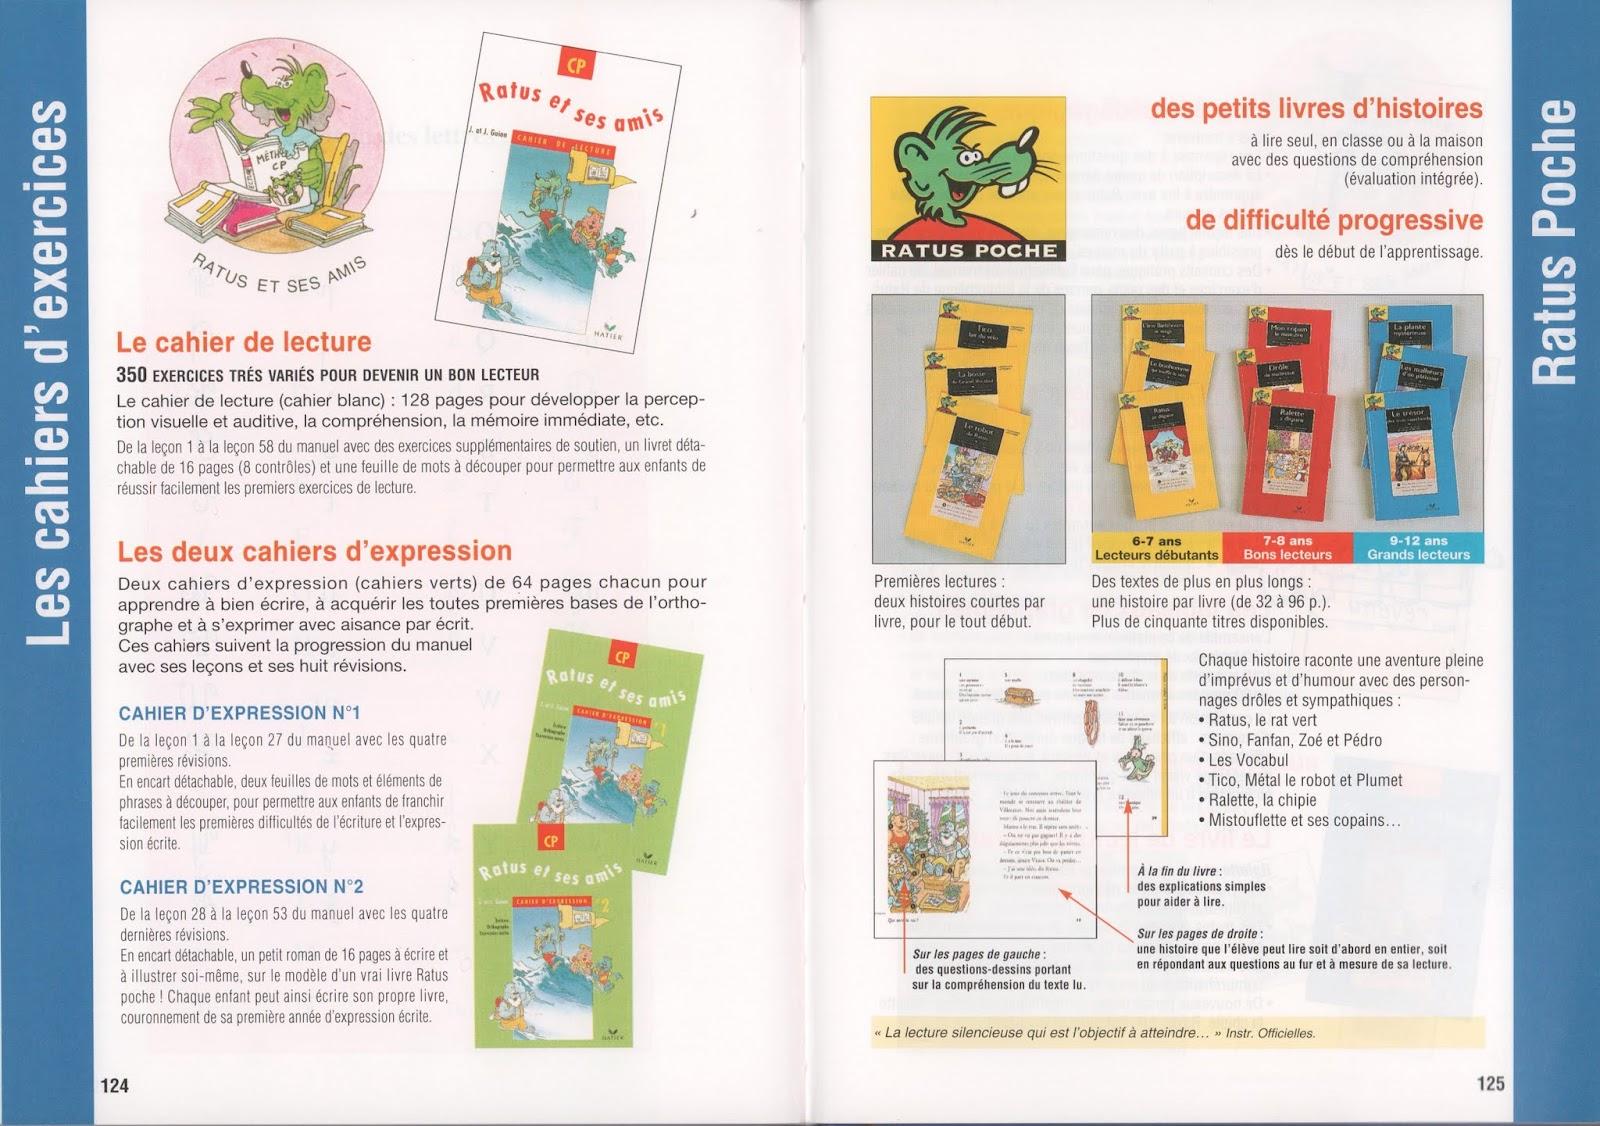 Ecole References Ratus Et Ses Amis Cp 1994 Grandes Images